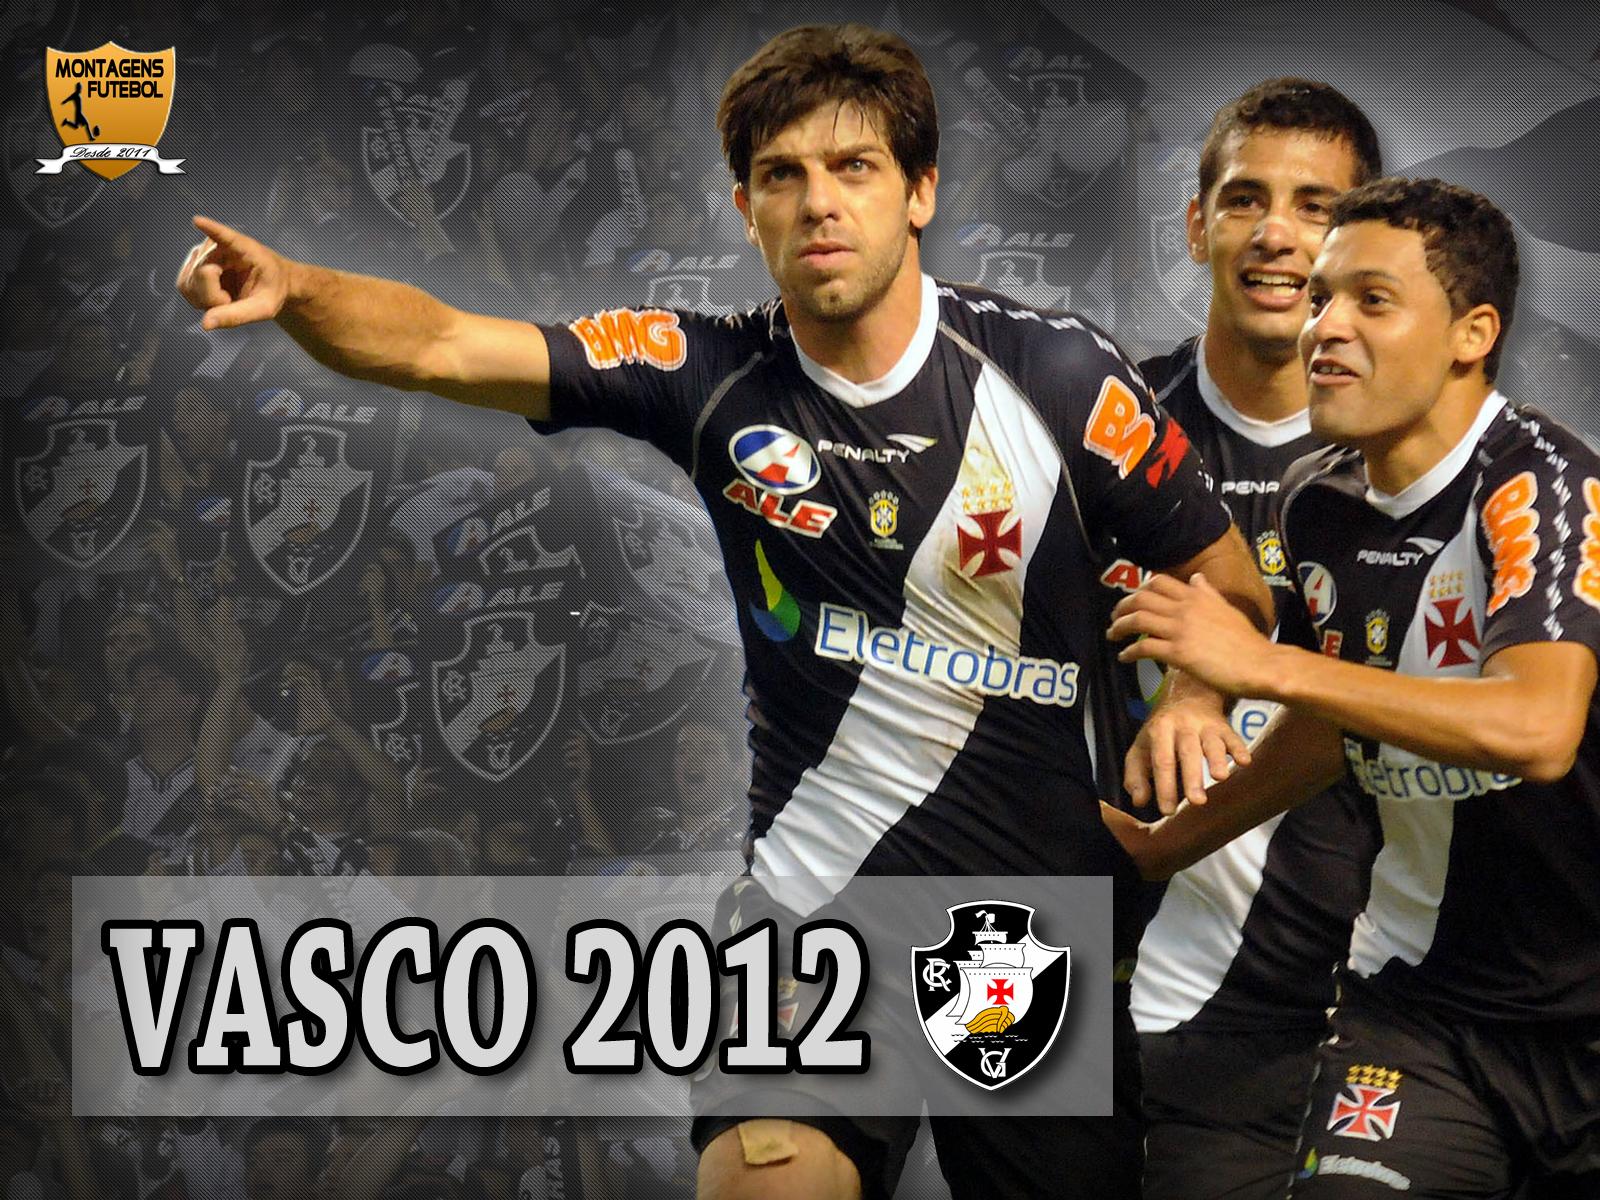 http://2.bp.blogspot.com/-wyEzytS2BpM/TyfL8iLIaYI/AAAAAAAAAKg/azKbfmL6LcE/s1600/Vasco+-+2012.jpg